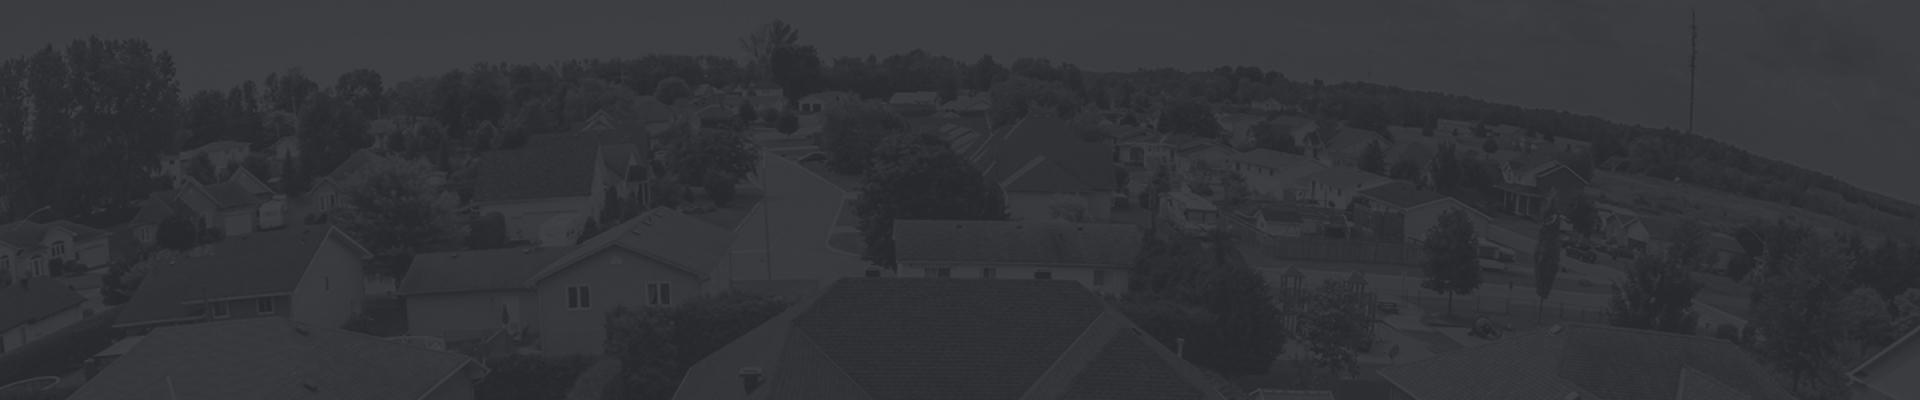 uav sensefly drones profesionales uavsensefly bg slide 03